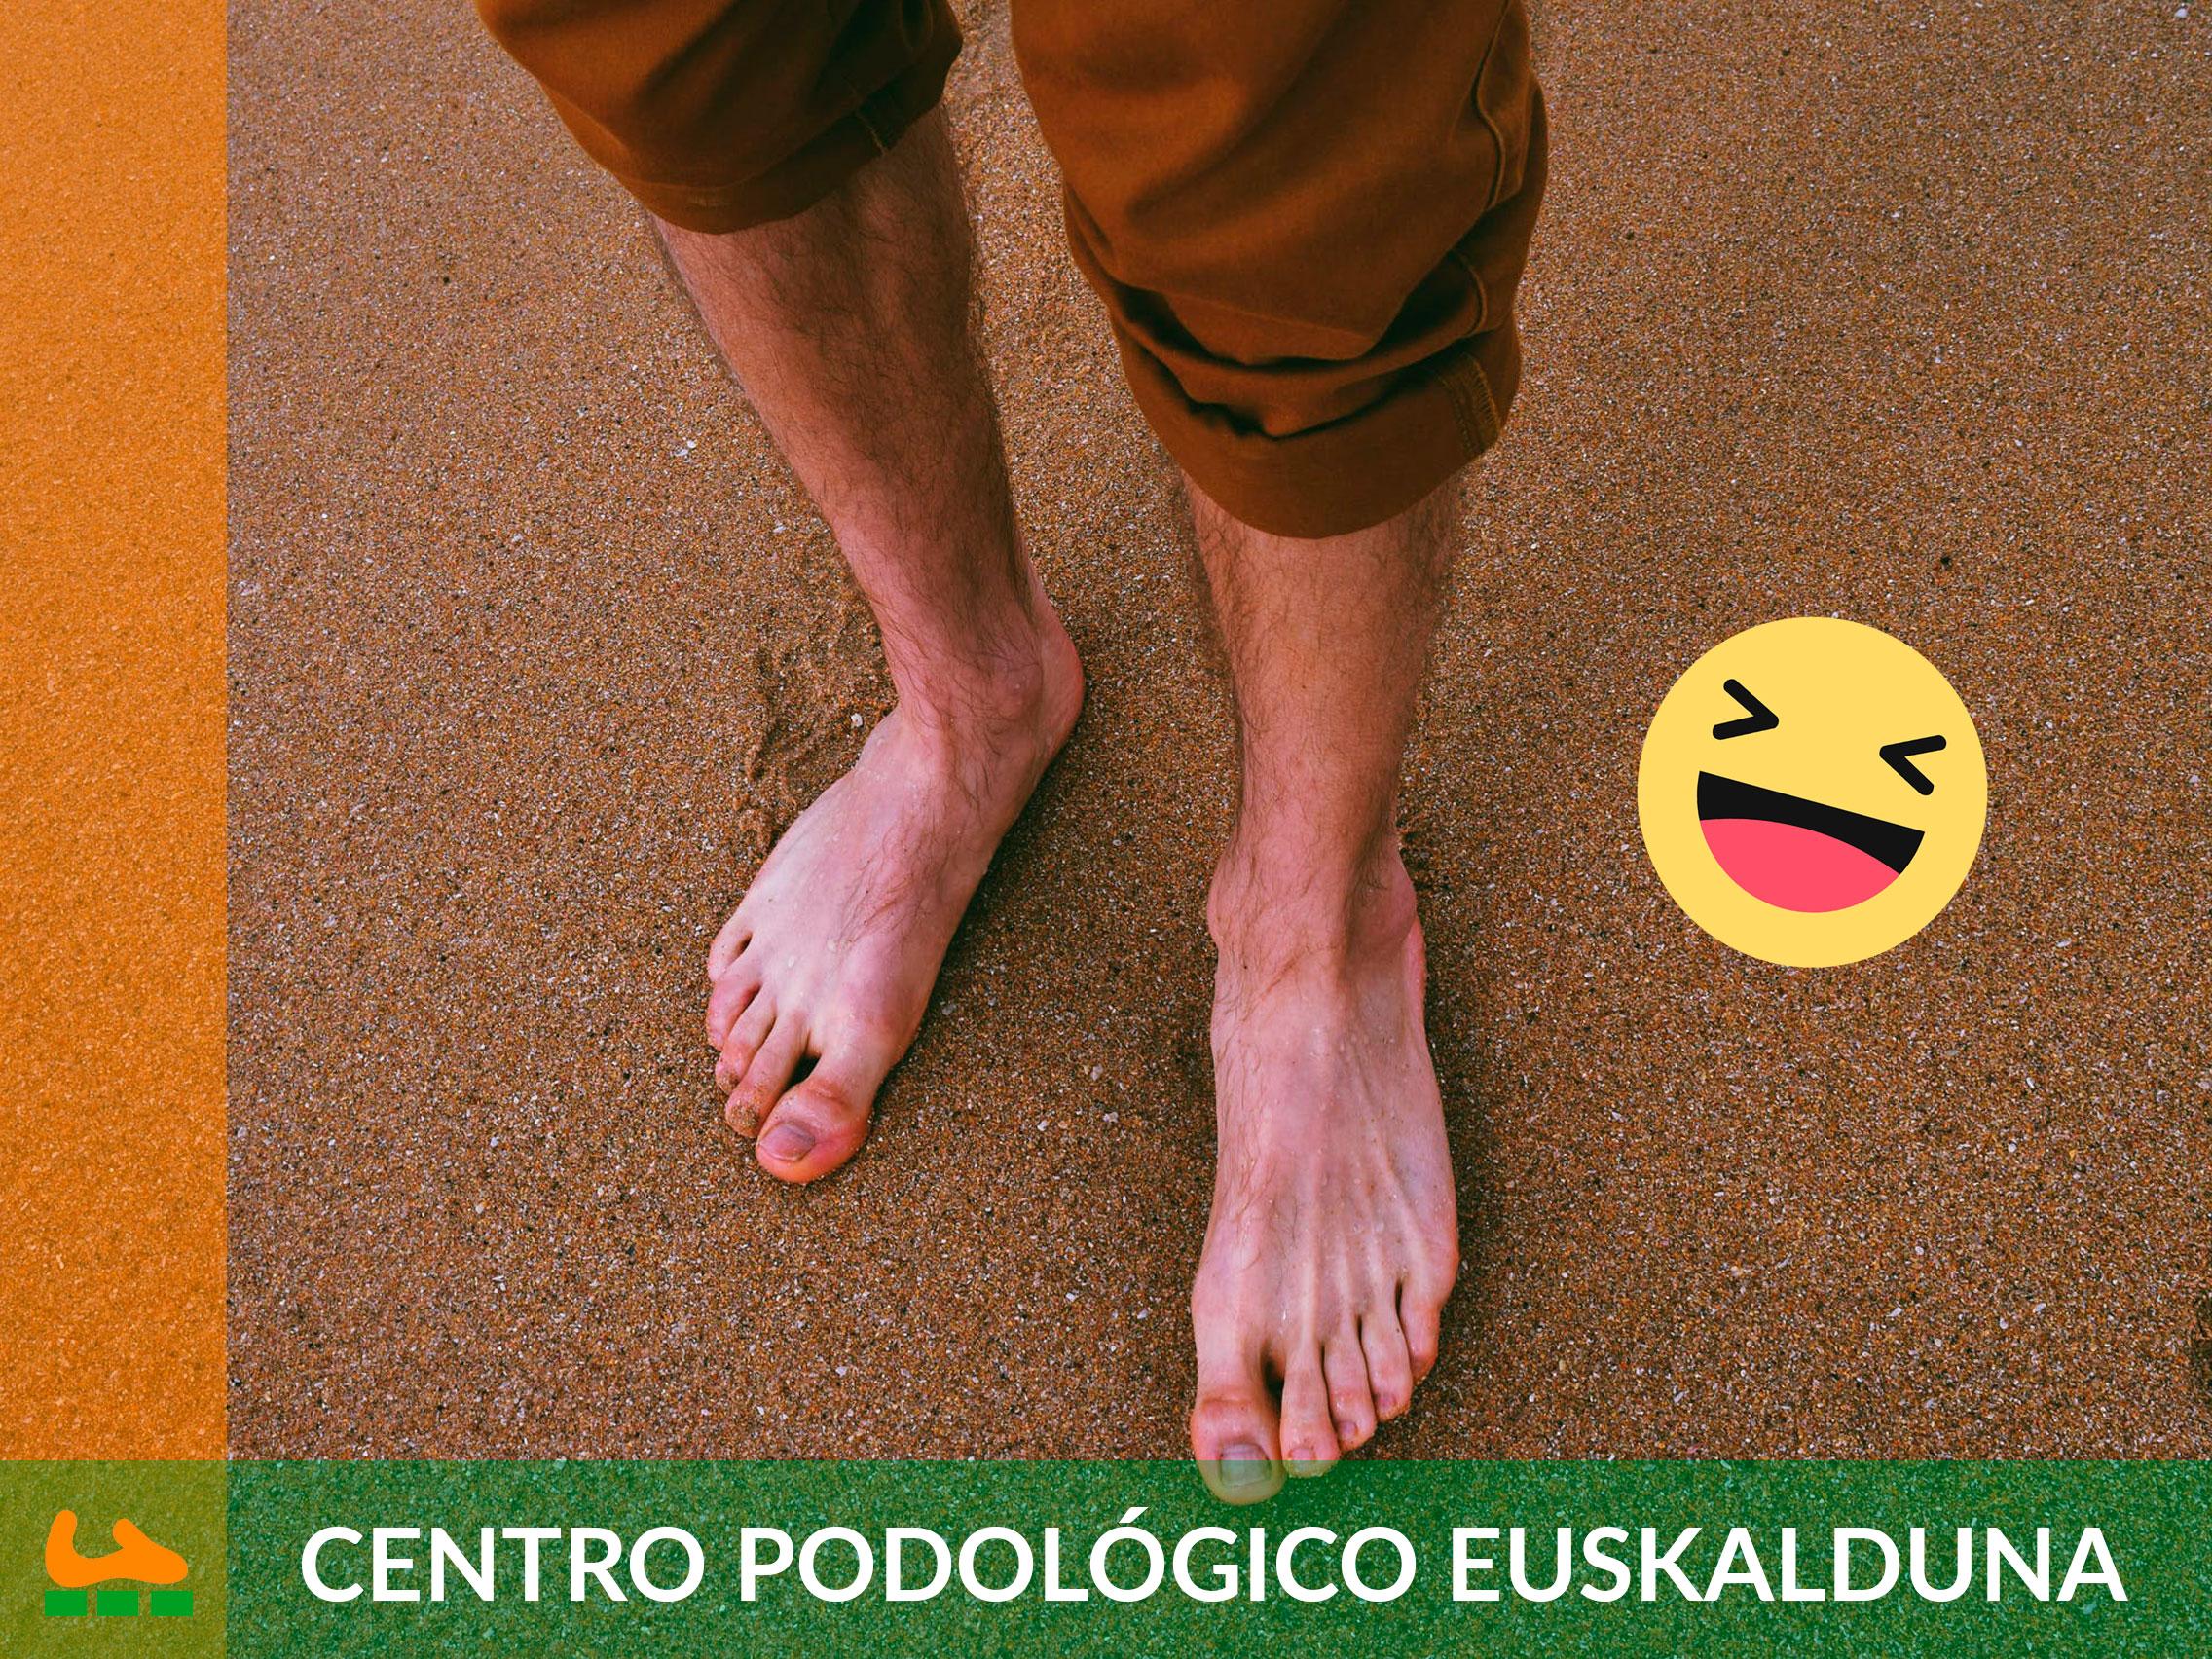 Mitos populares graciosos sobre los pies